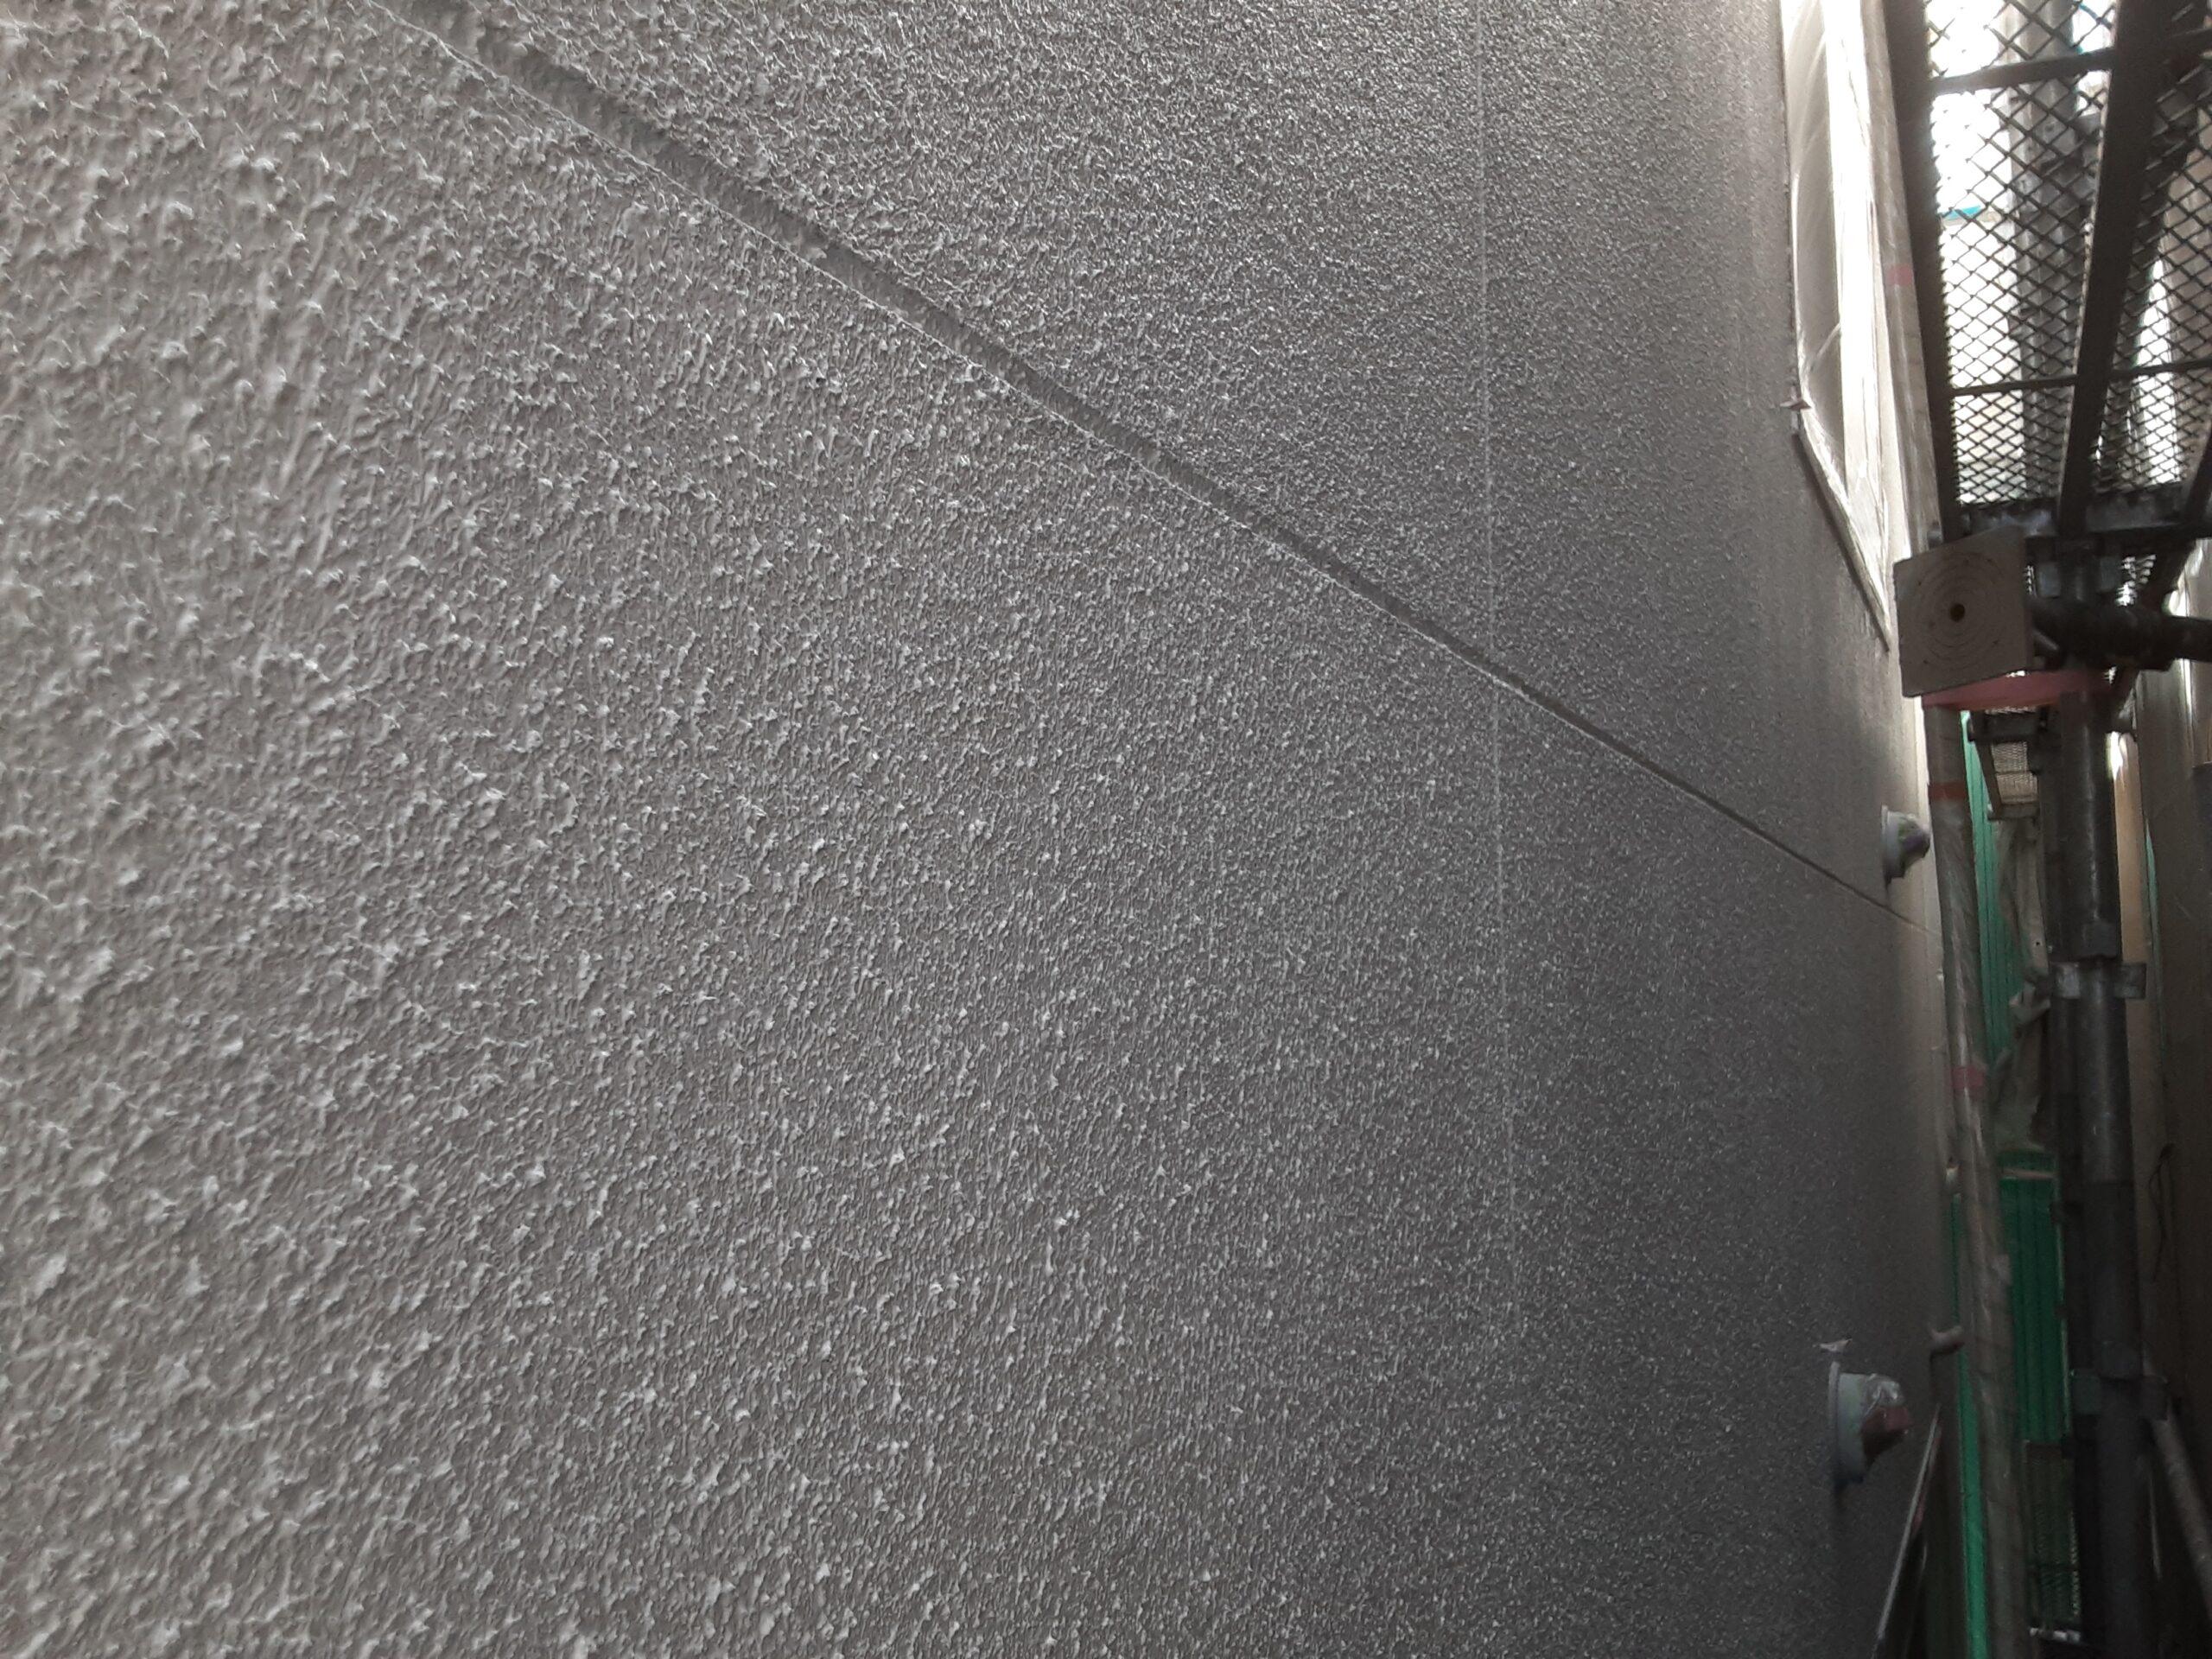 埼玉県さいたま市中央区のK様邸(木造2階建て)にて外壁の養生・下塗り塗装